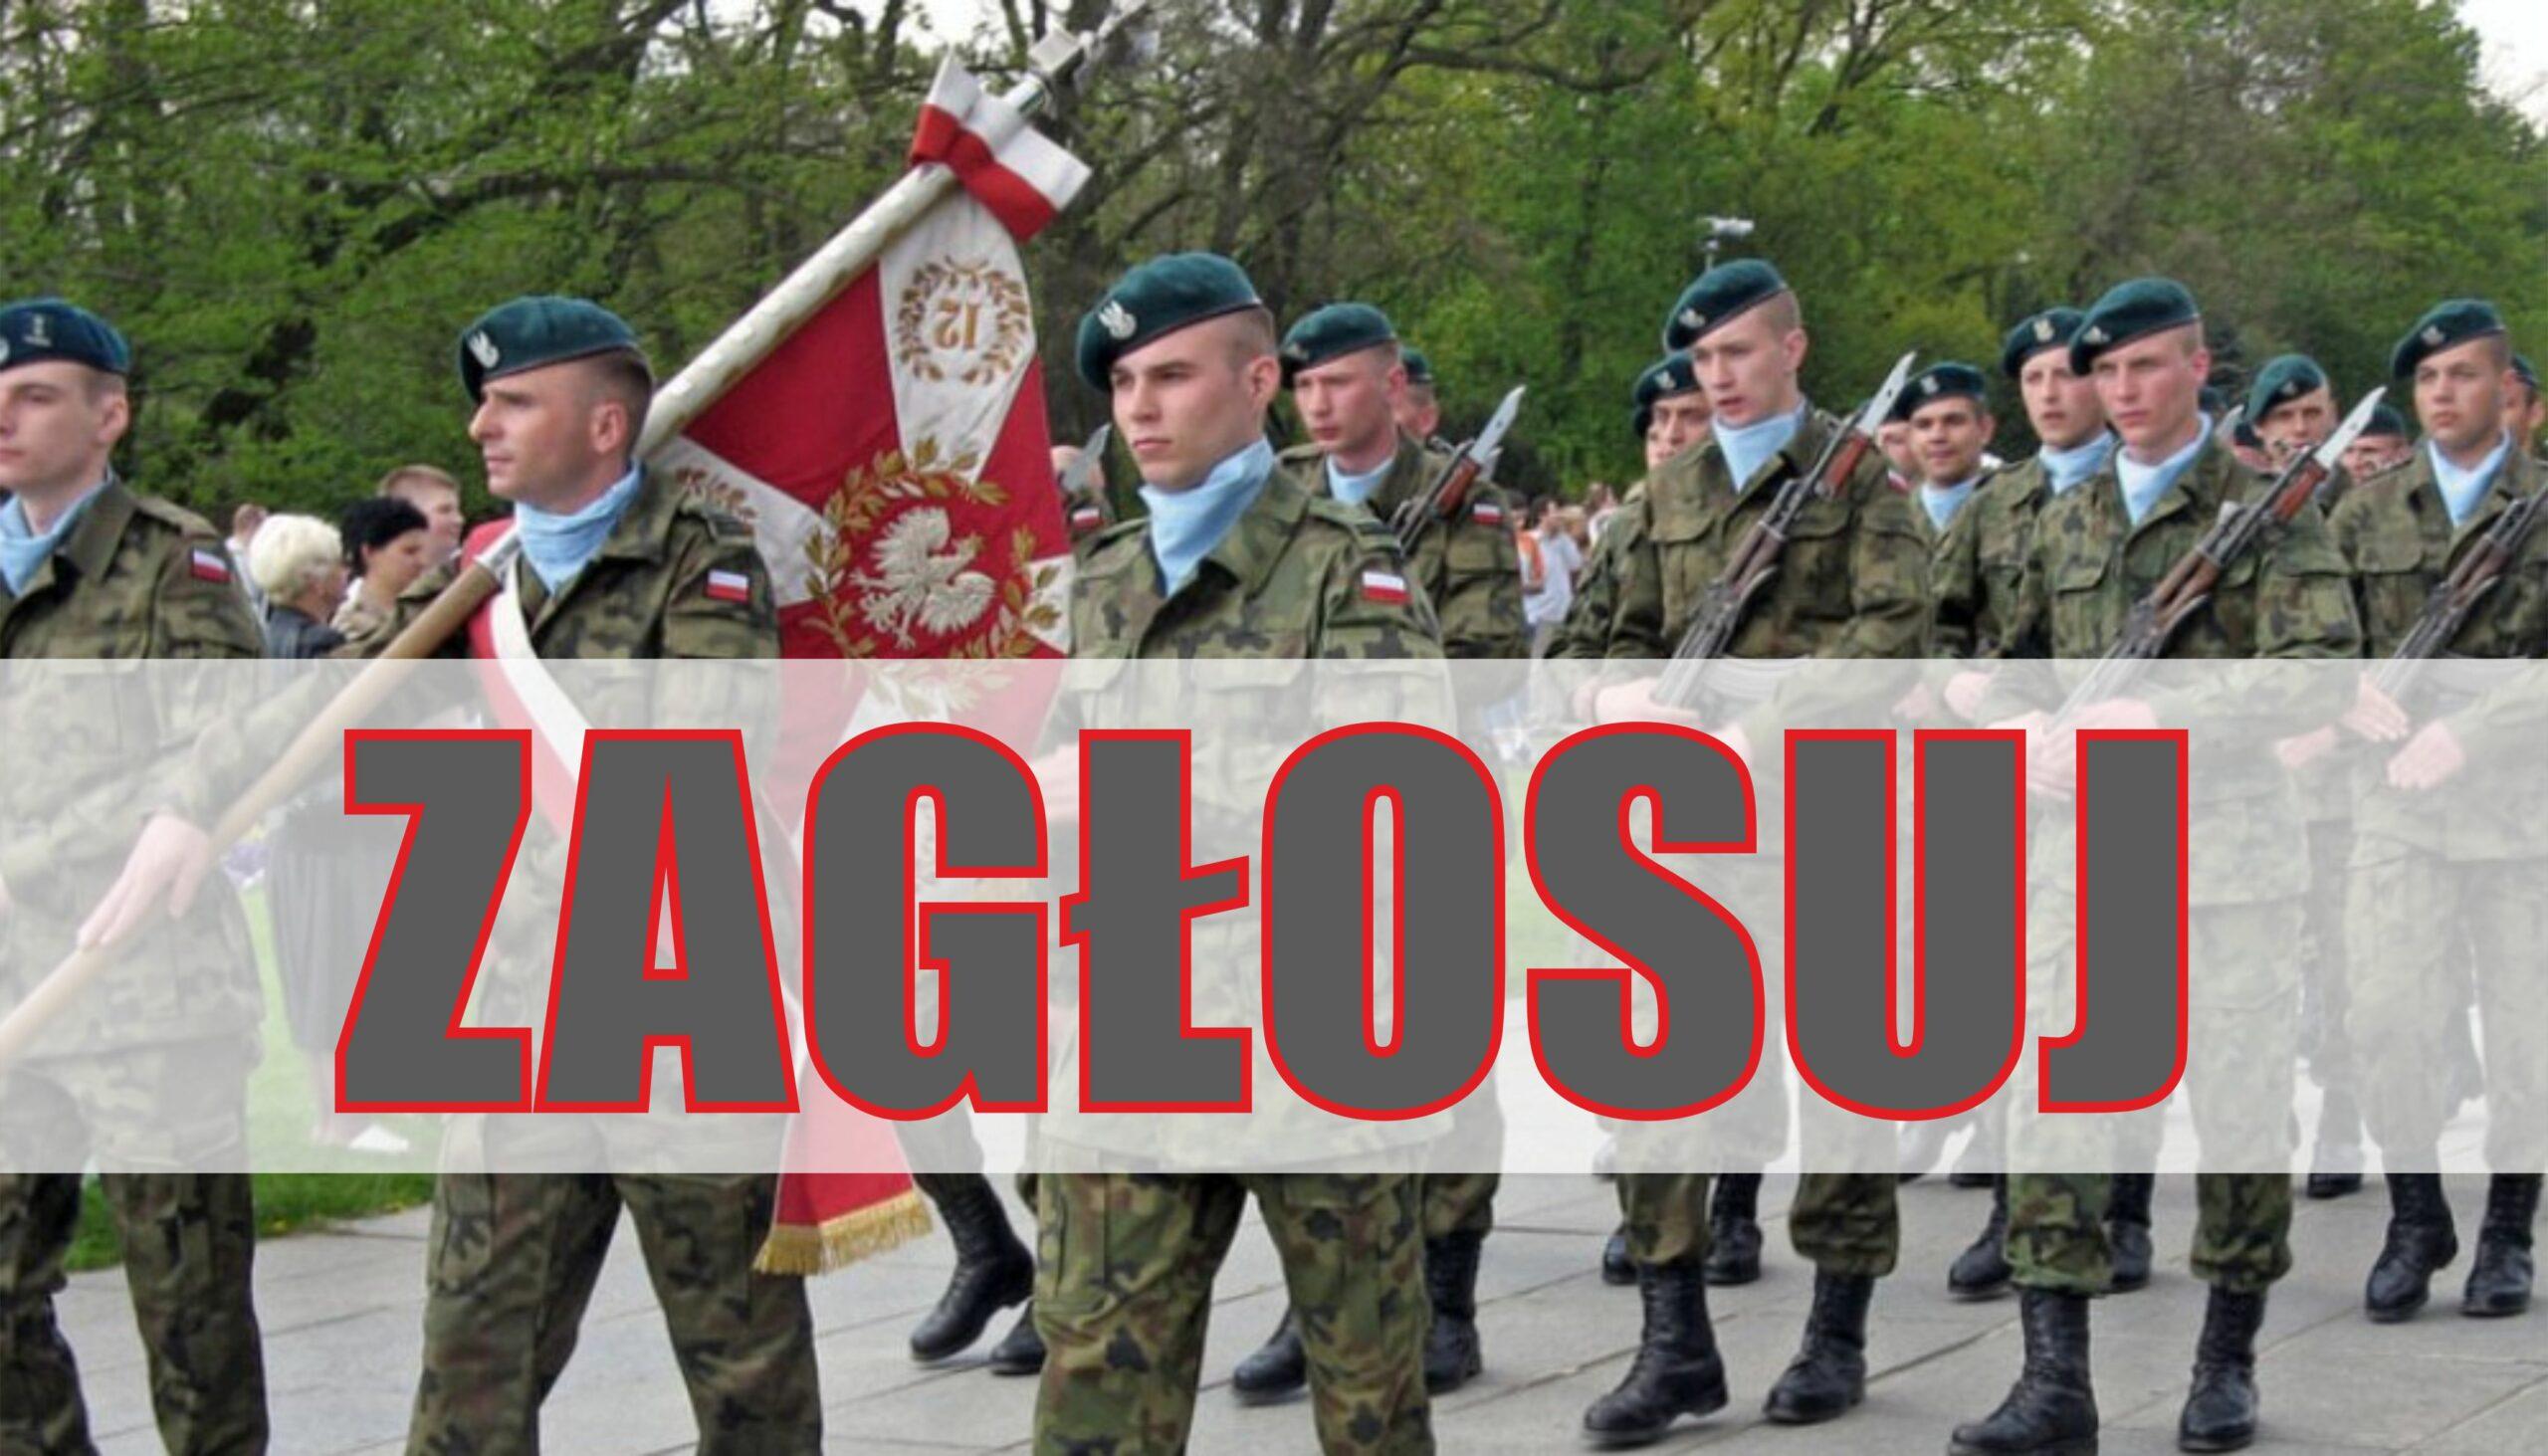 Sonda, Obowiązkowa służba wojskowa w Polsce, czy powinno nastąpić jej przywrócenie? Takie pytanie dziś zadajemy państwu w naszej sondzie